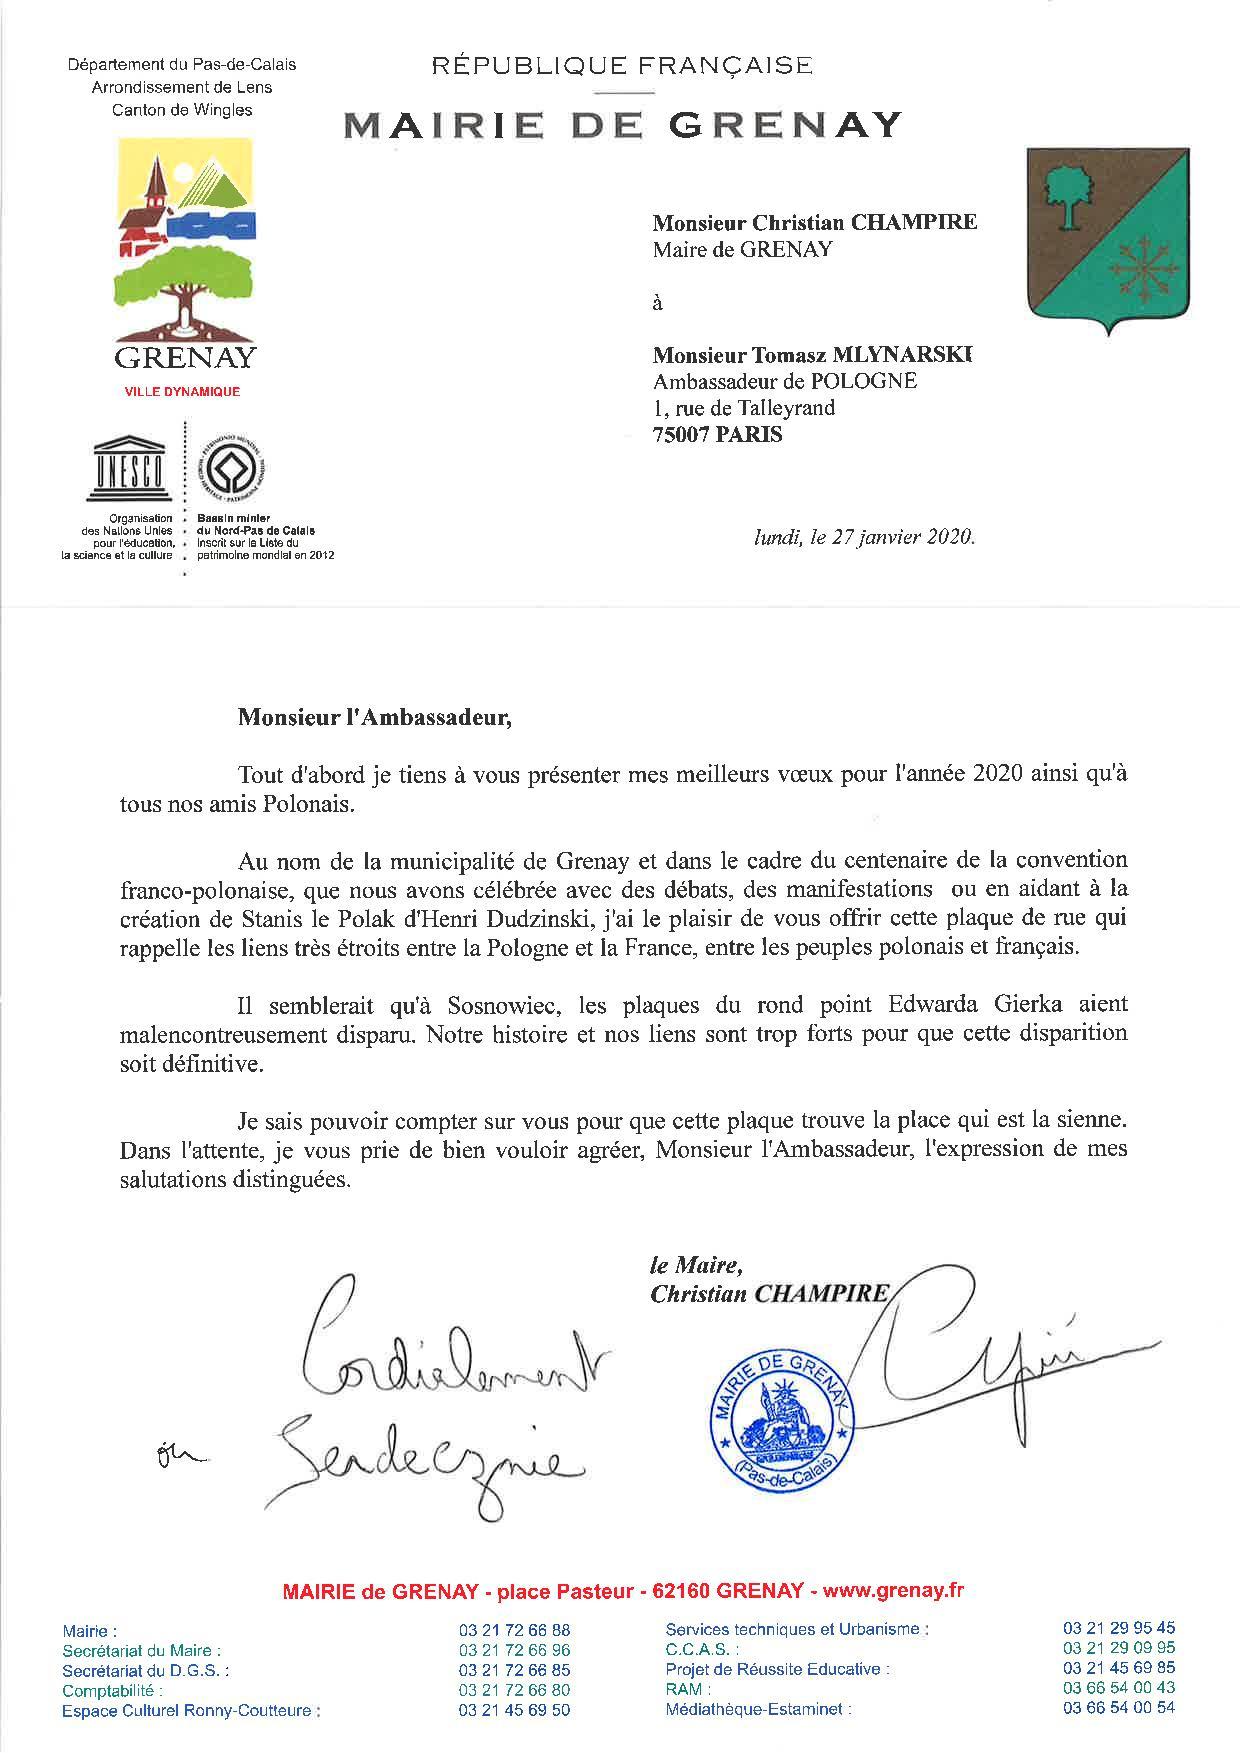 Lettre_Christian_Champiré_à_l_ambassadeur_de_Pologne-page-001.jpg